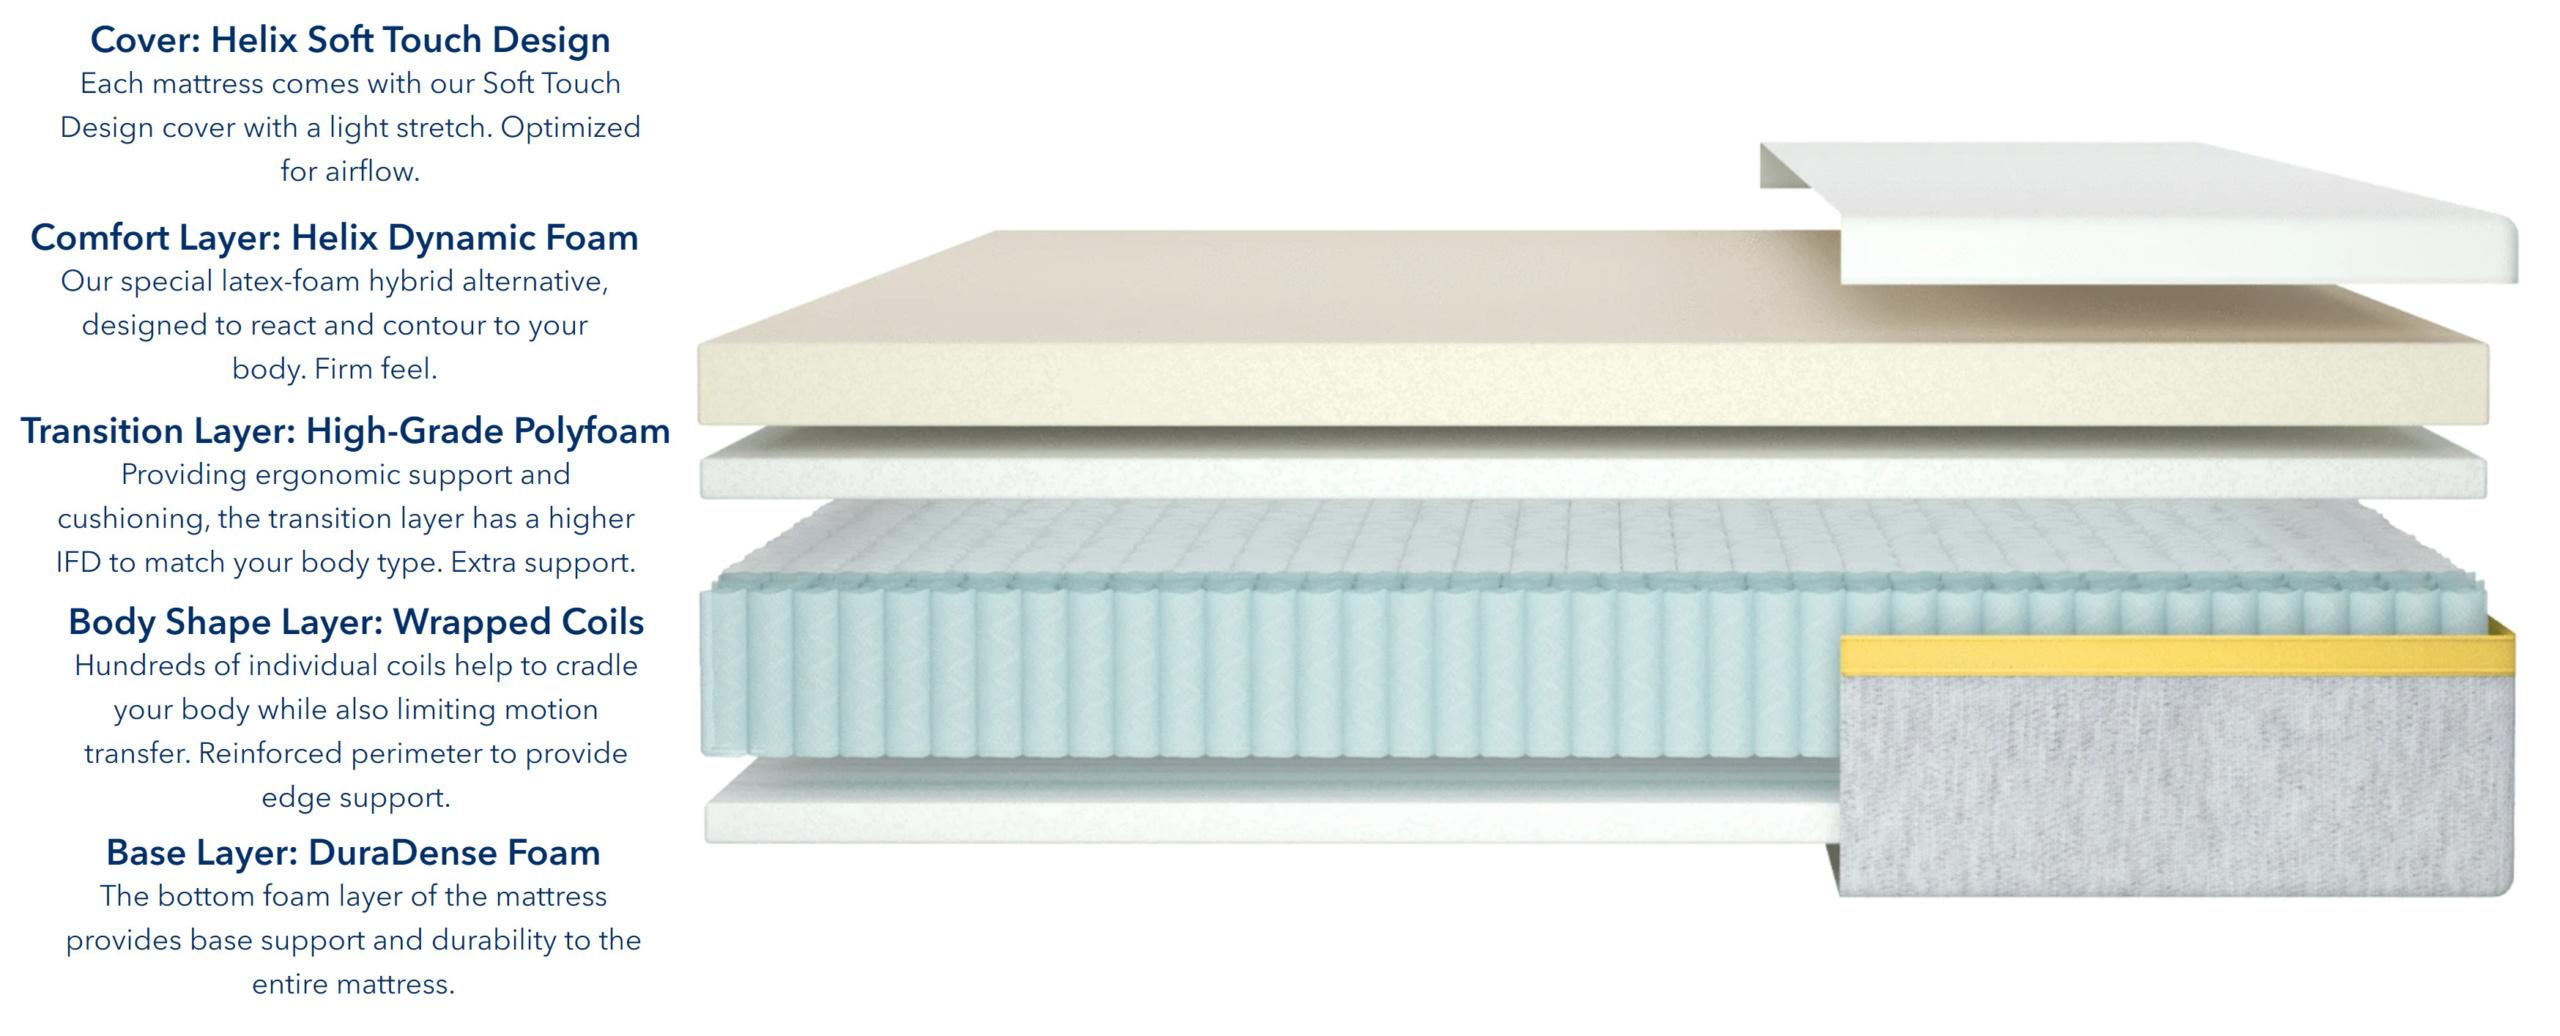 helix dawn mattress materials